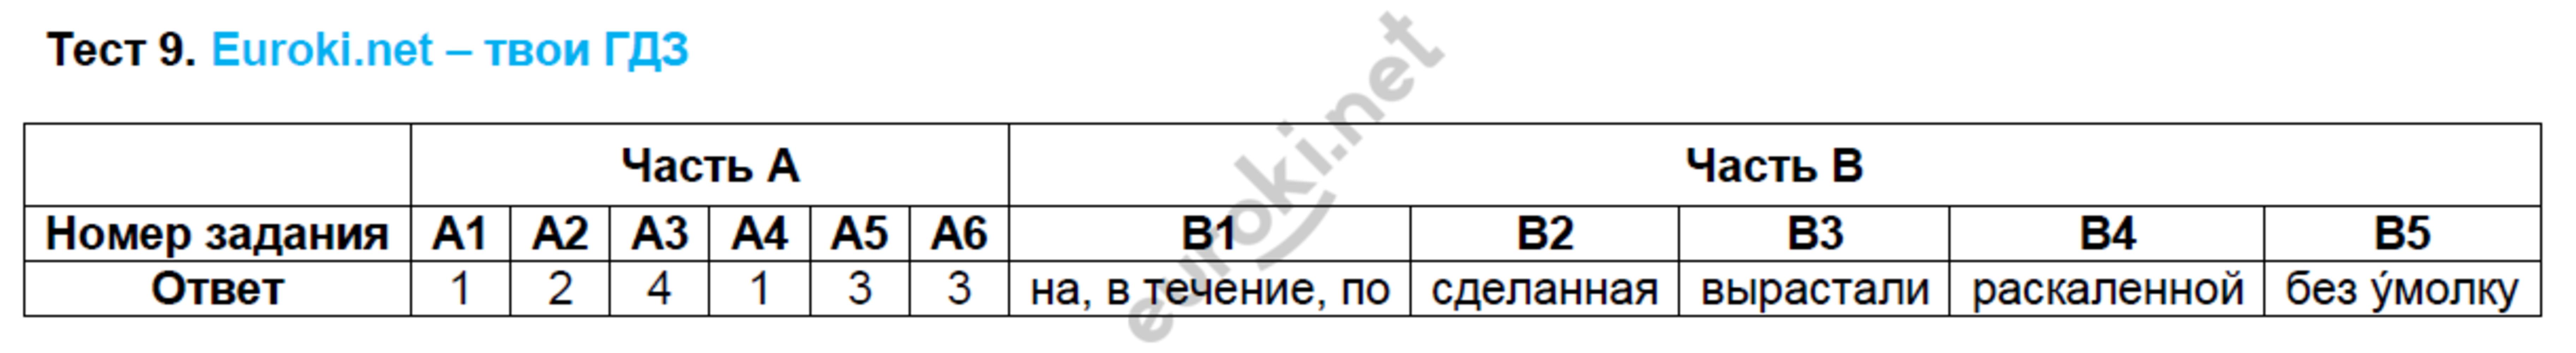 ГДЗ по русскому языку 8 класс тесты Груздева, Разумовская Экзамен ответы и решения онлайн. Задание: Тест 9